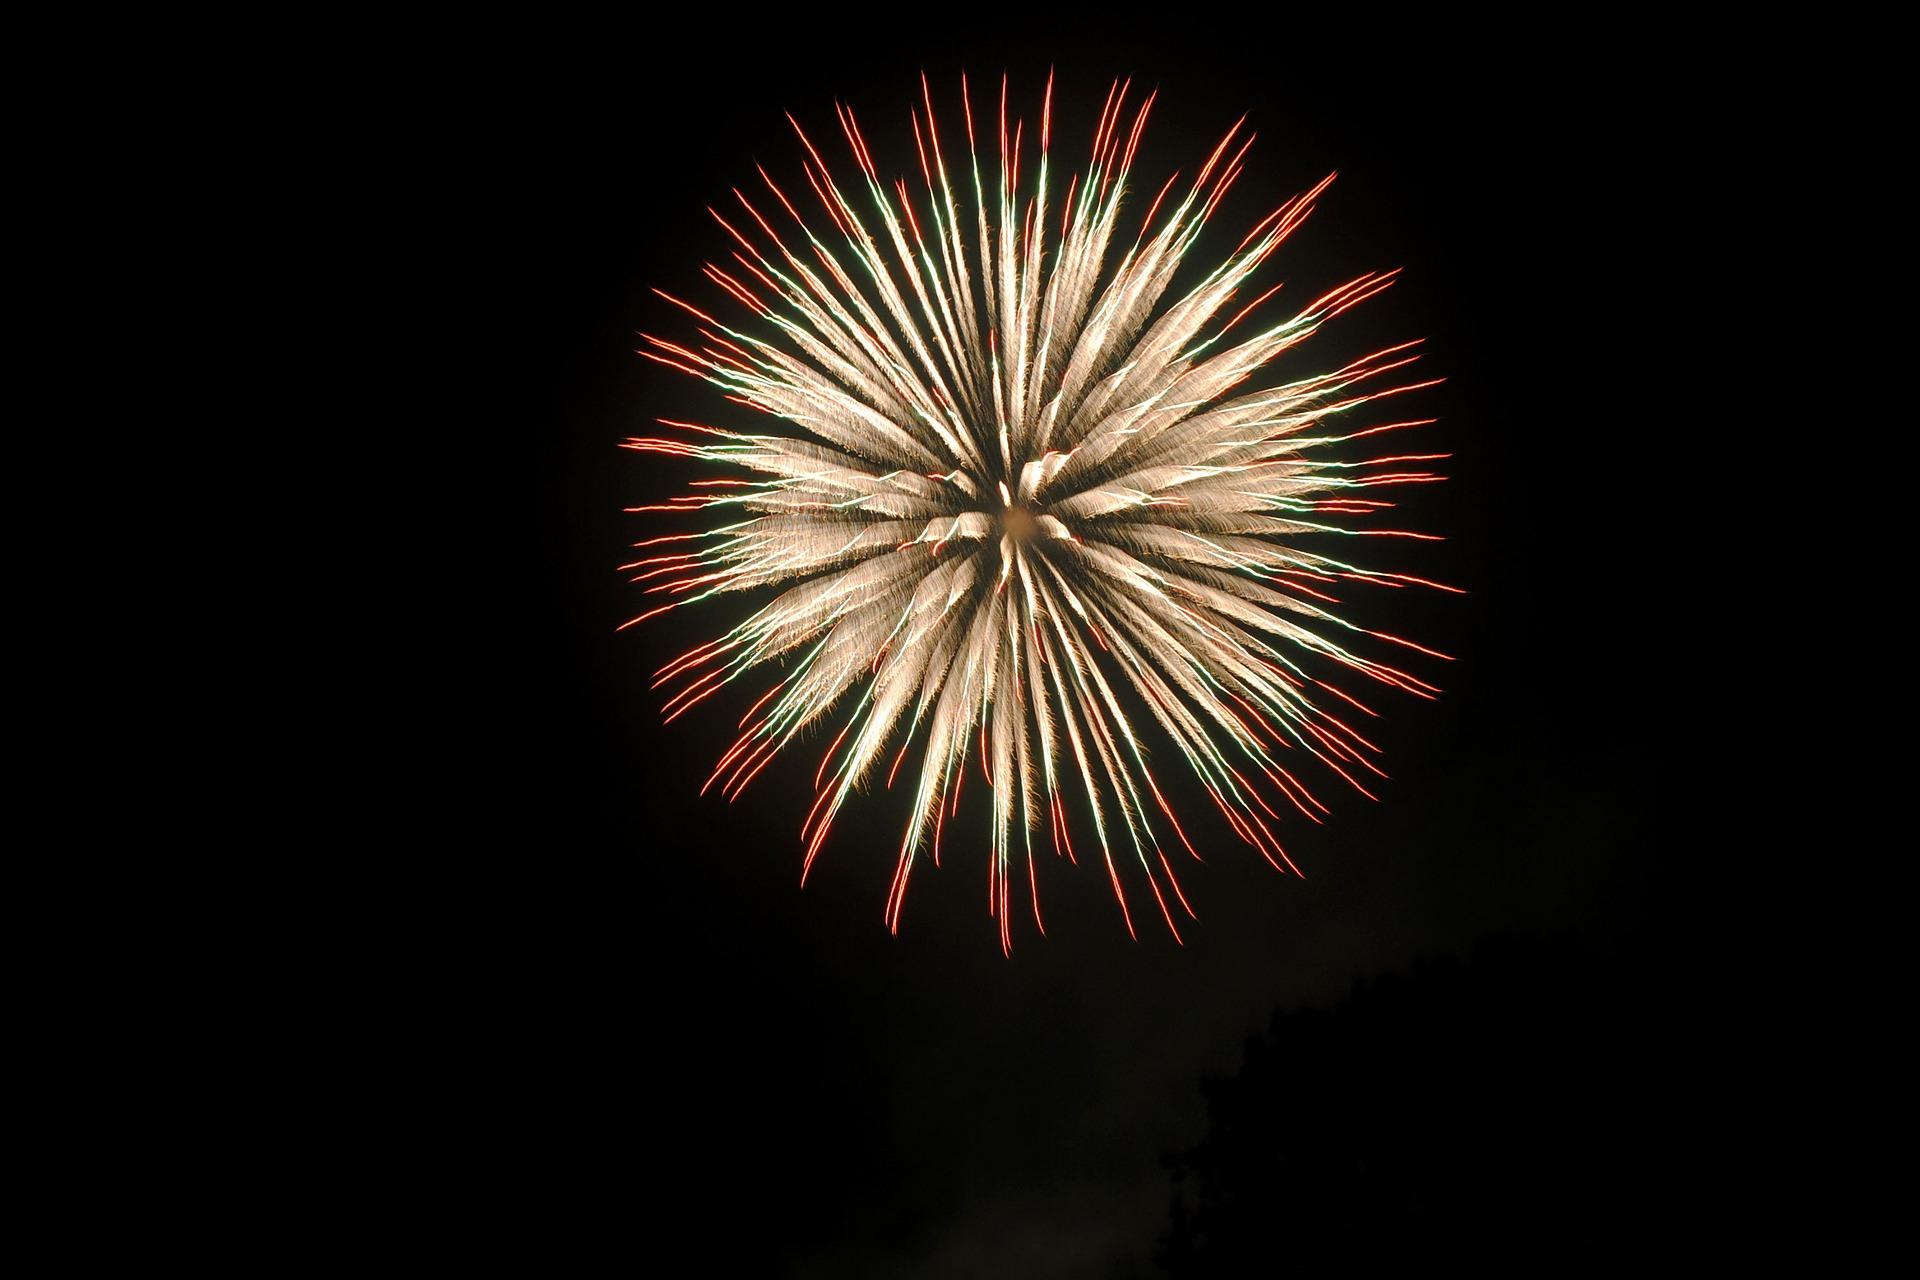 circular large fireworks